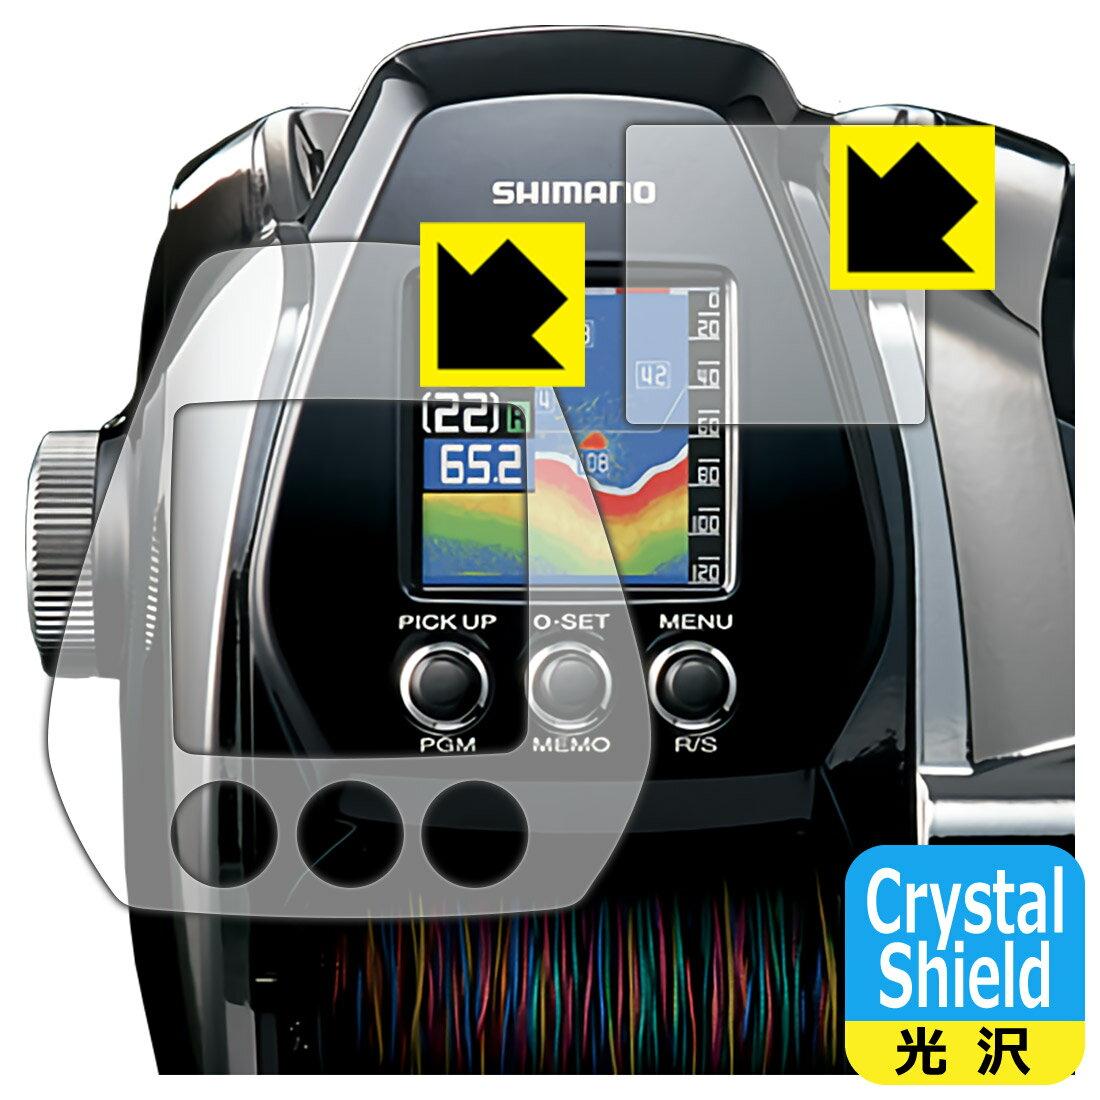 フィッシング, その他 Crystal Shield SHIMANO MD3000 ( 2) RCPsmtb-kd